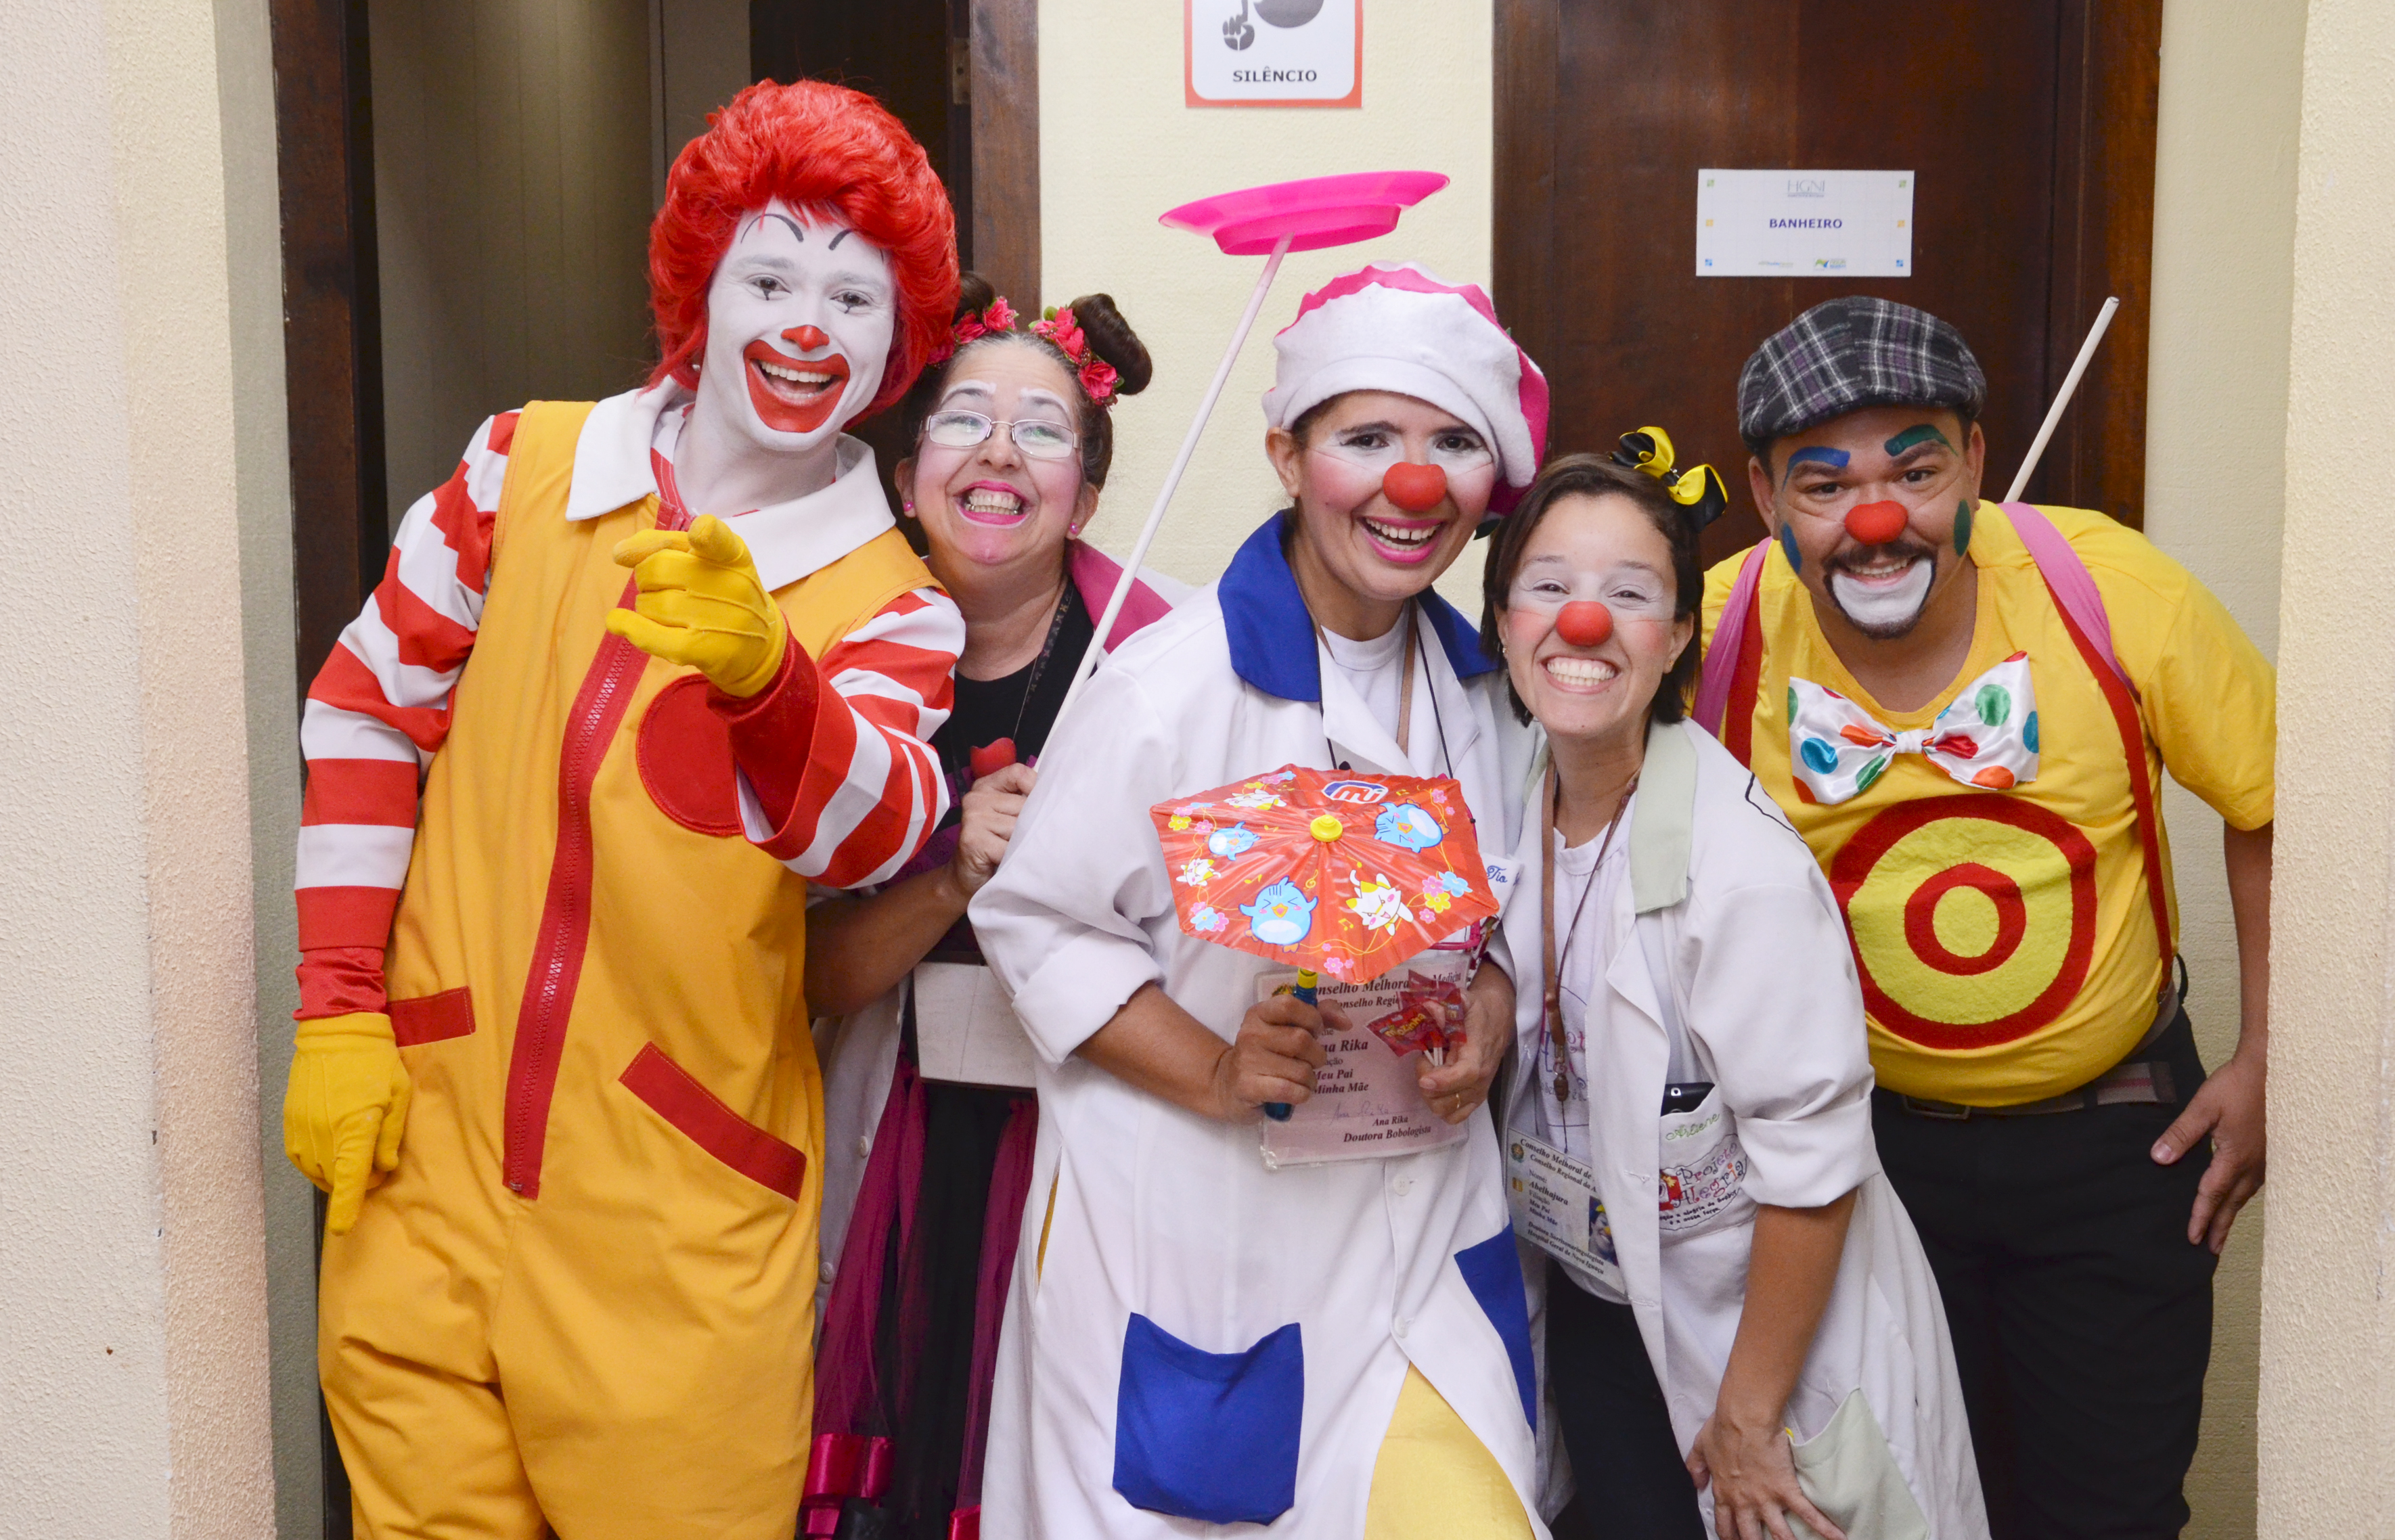 Ronald com os voluntários do projeto Alegria